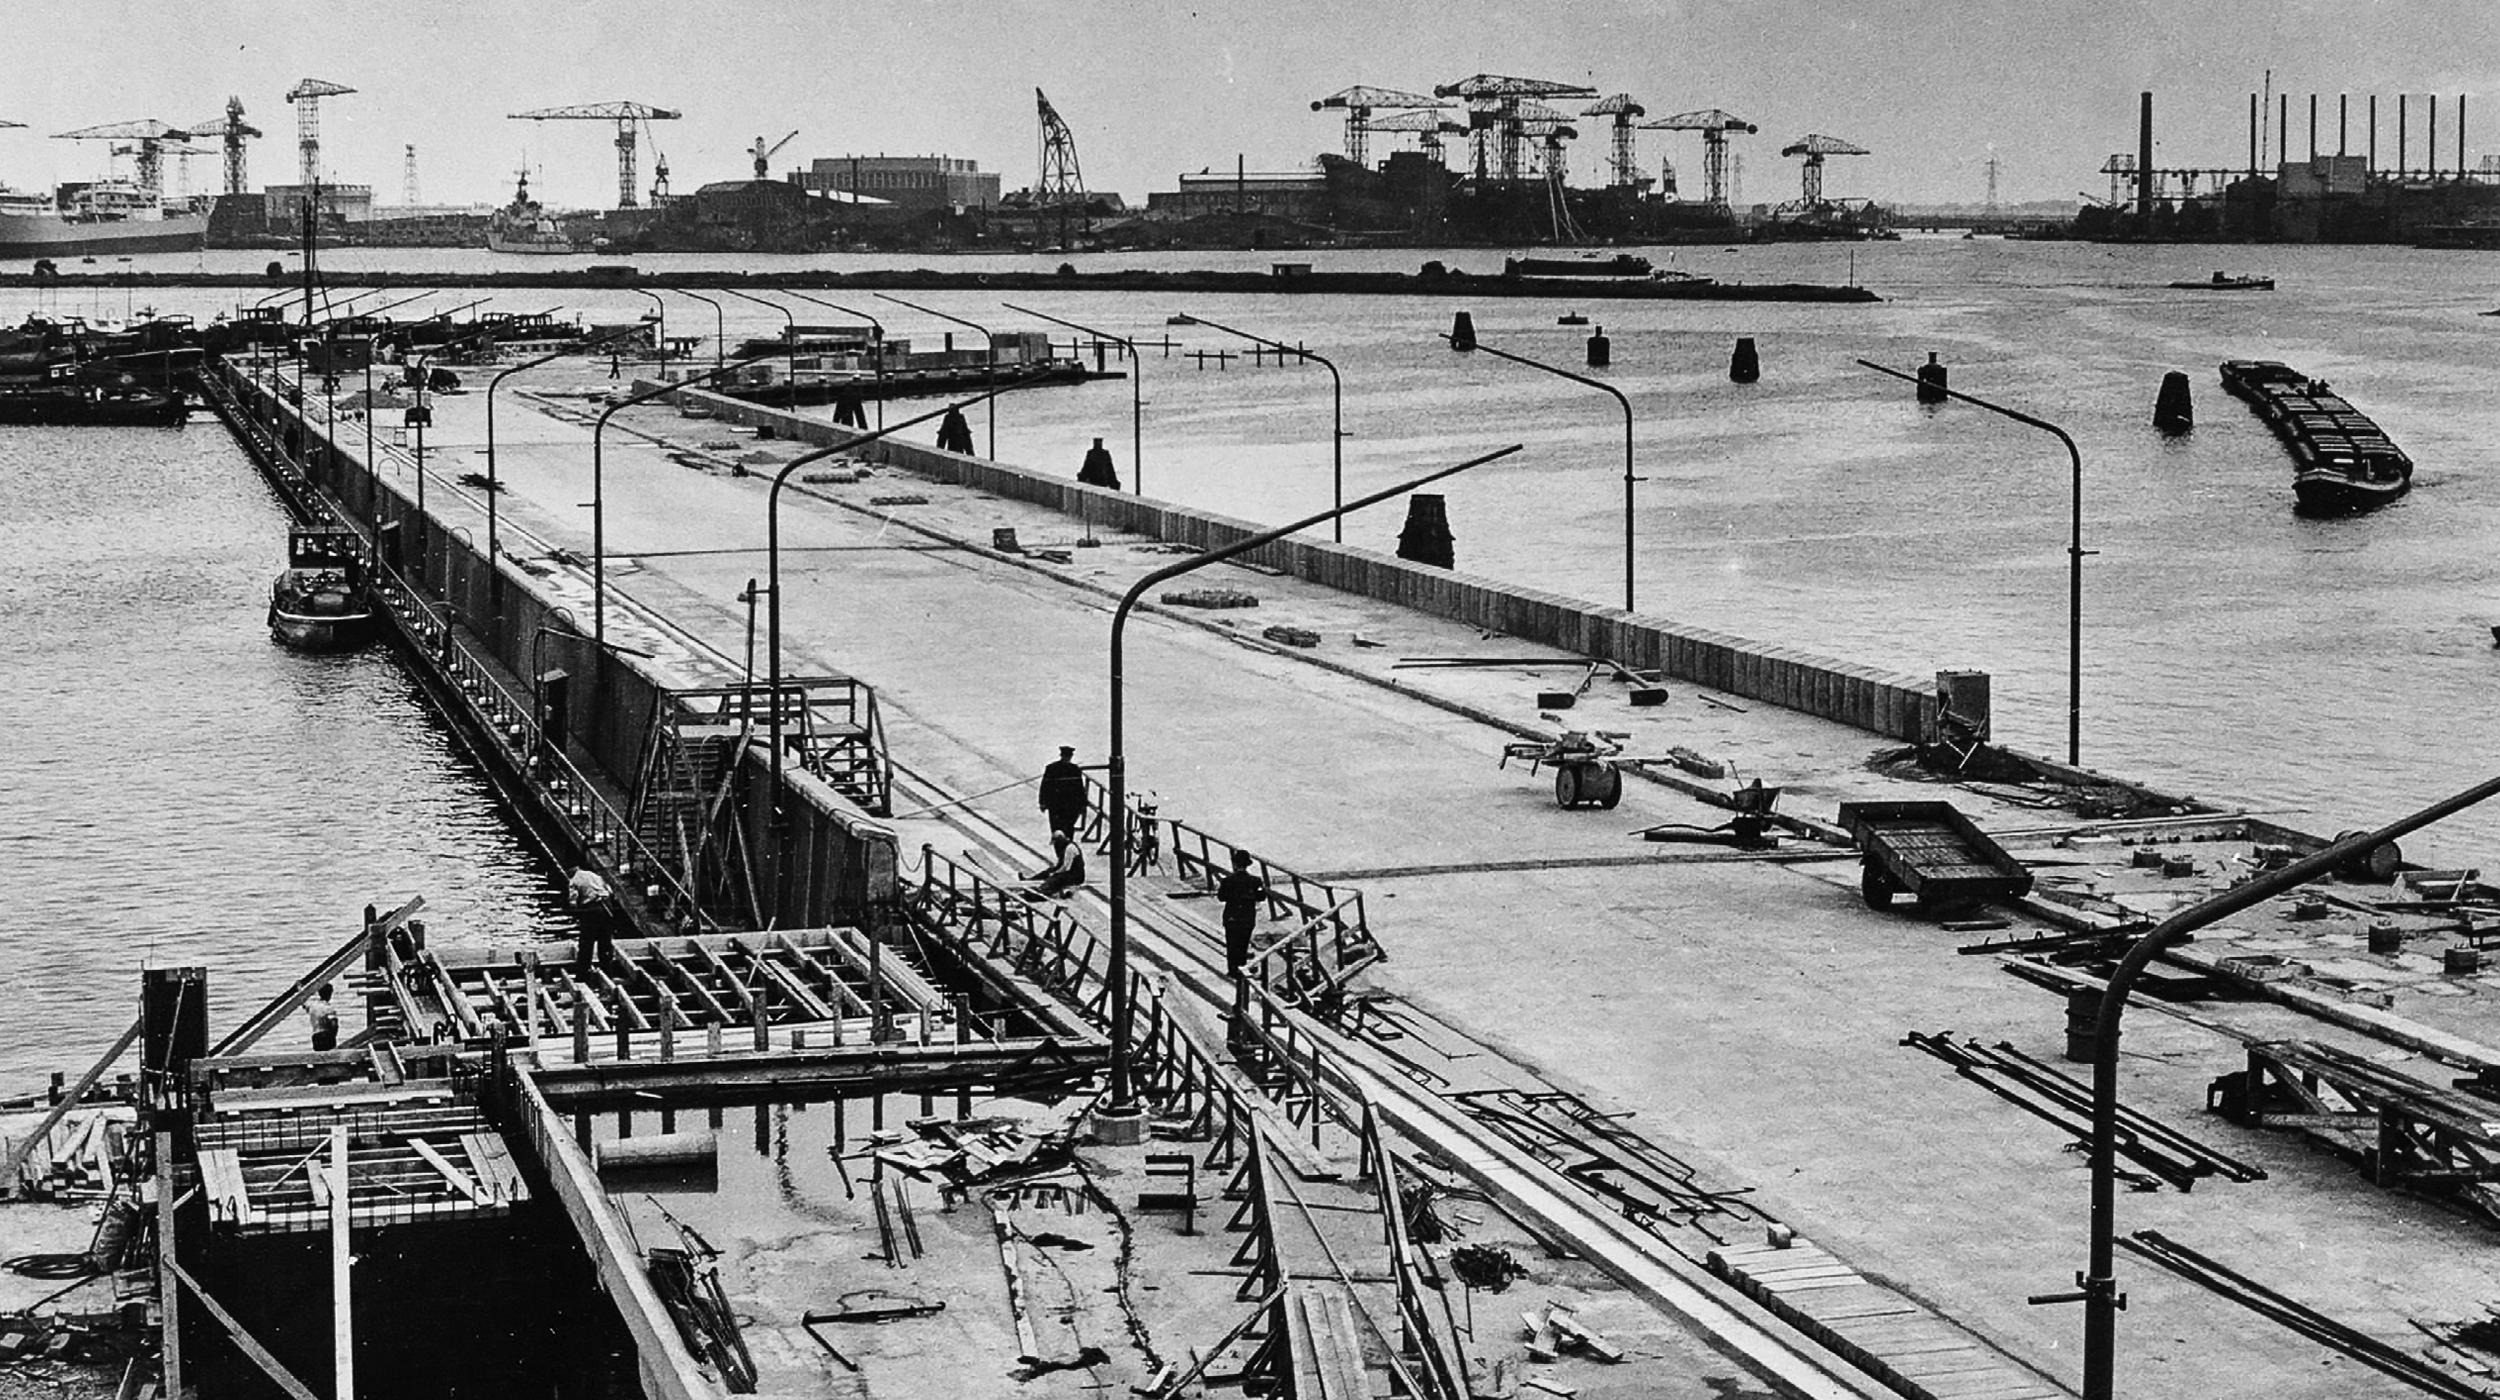 Pontsteiger houthavens Amsterdam geschiedenis